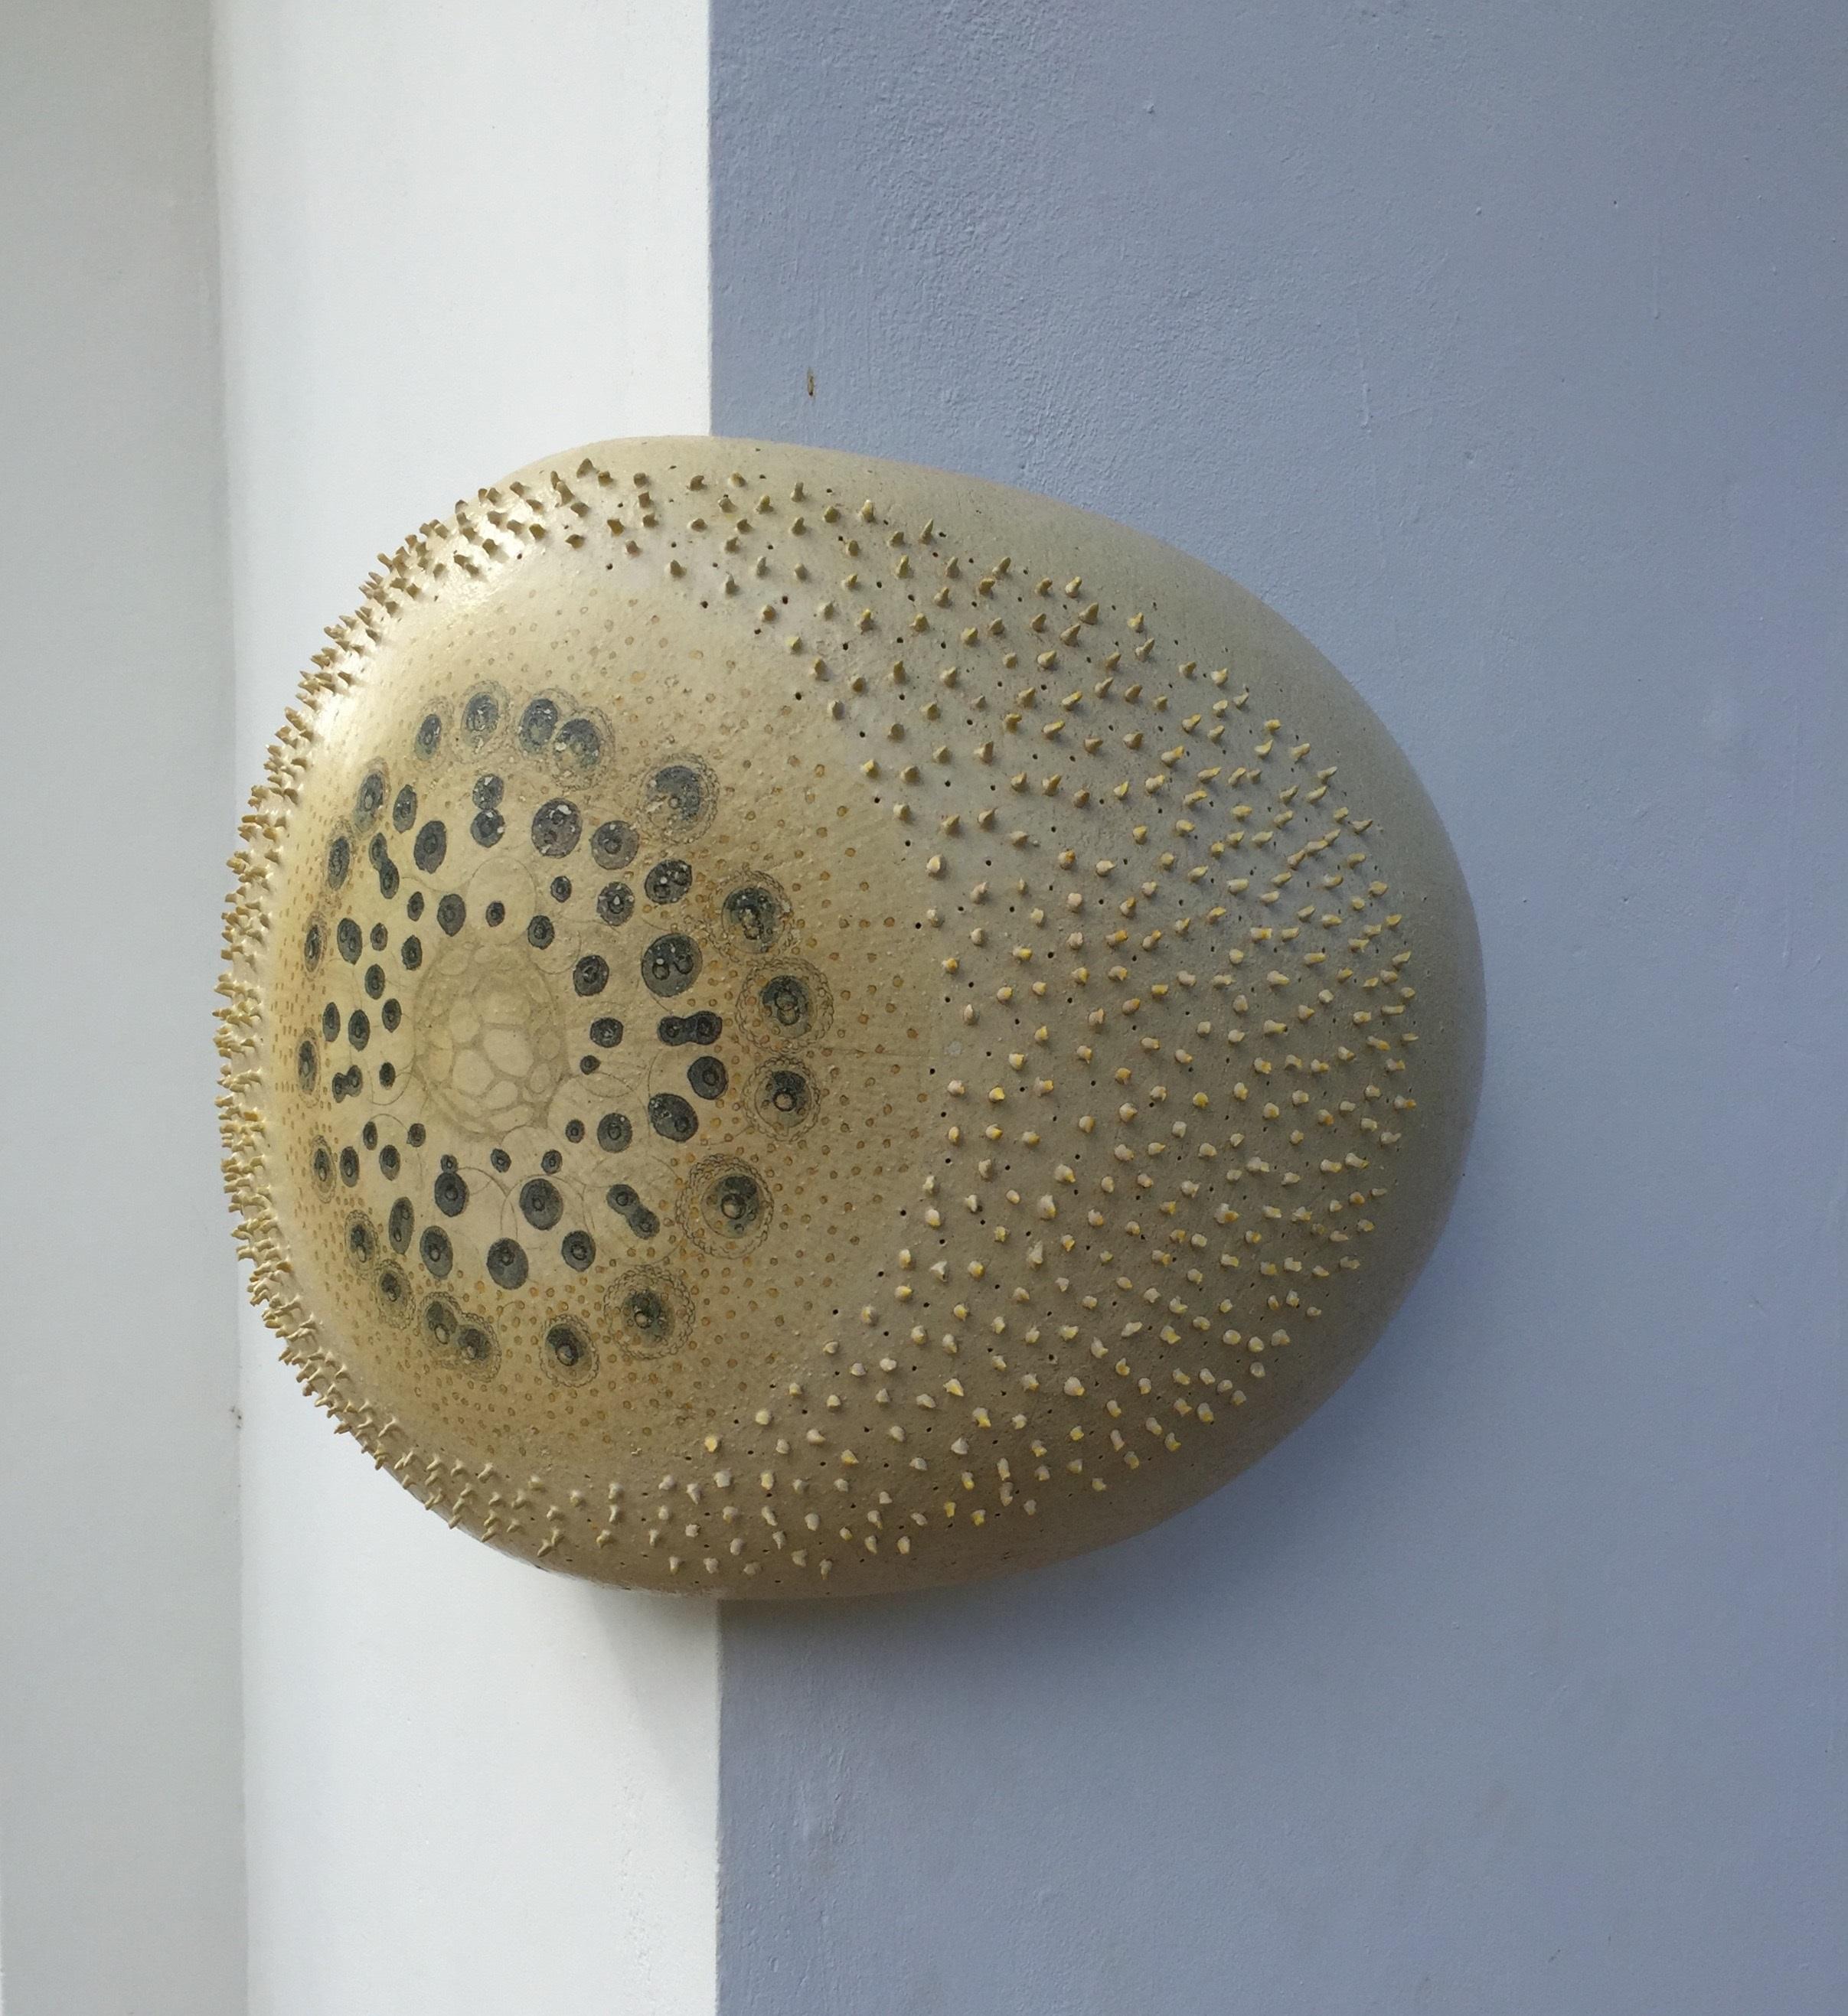 Ellen Spijkstra (Netherlands/Curaçao, Países Bajos/Curaçao, b.1957) Sea Urchin/Erizo de mar, 2015 Glazed stoneware with ceramic decal/Gres esmaltado con calcomanía de cerámica, 15 x 18x 17 in. Courtesy of the artist/Cortesía del artista